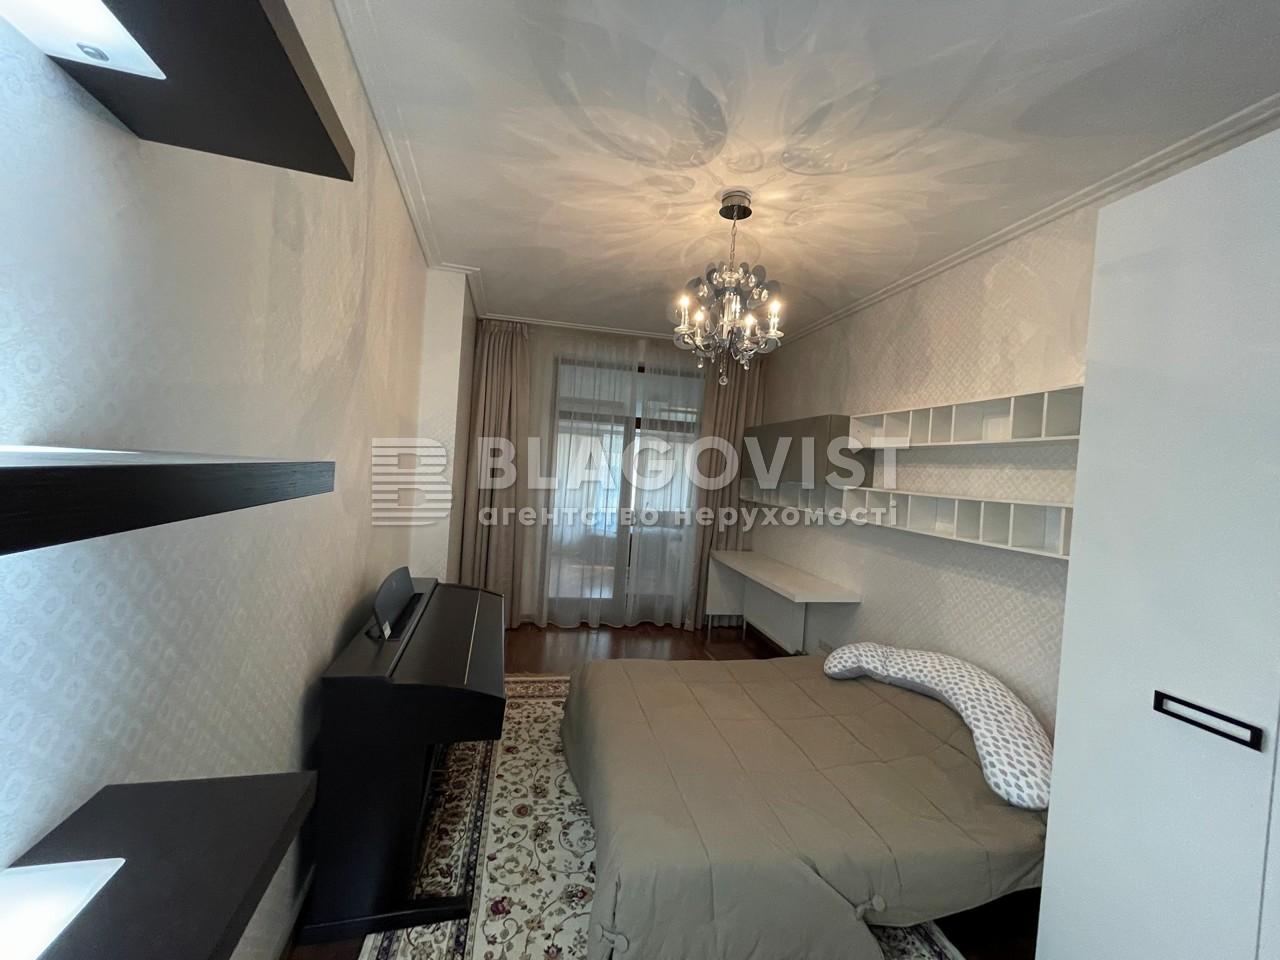 Квартира R-39555, Коновальца Евгения (Щорса), 32б, Киев - Фото 11